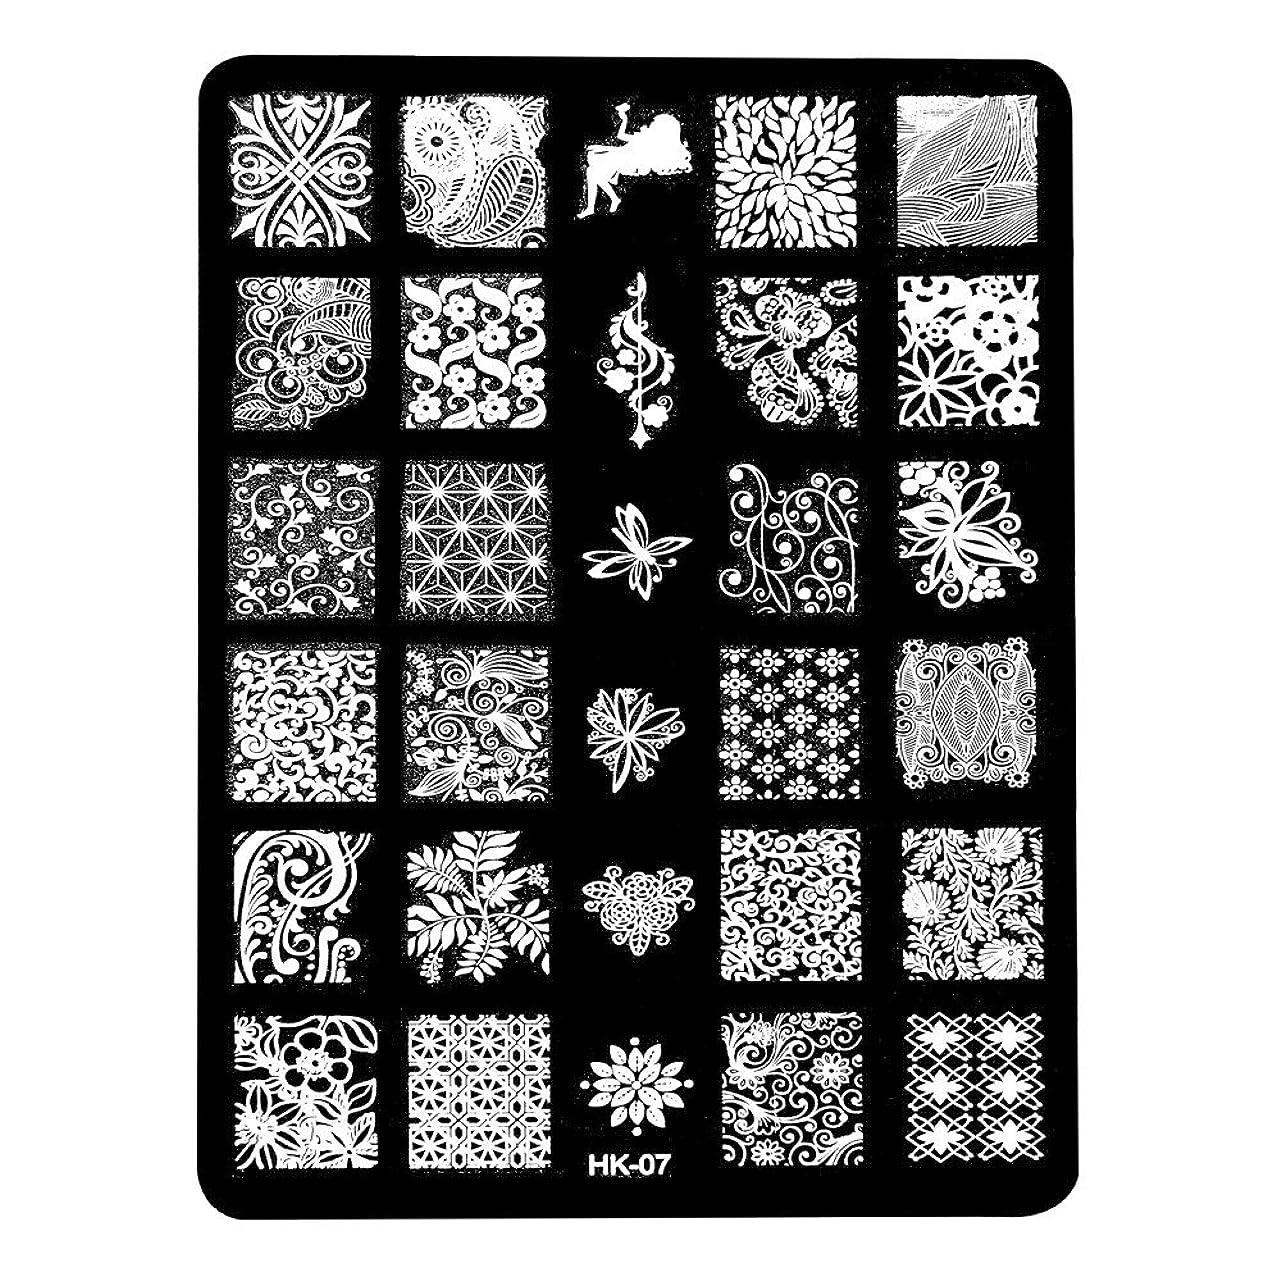 代替クラスオーク[ルテンズ] スタンピングプレートセット 花柄 ネイルプレート ネイルアートツール ネイルプレート ネイルスタンパー ネイルスタンプ スタンプネイル ネイルデザイン用品